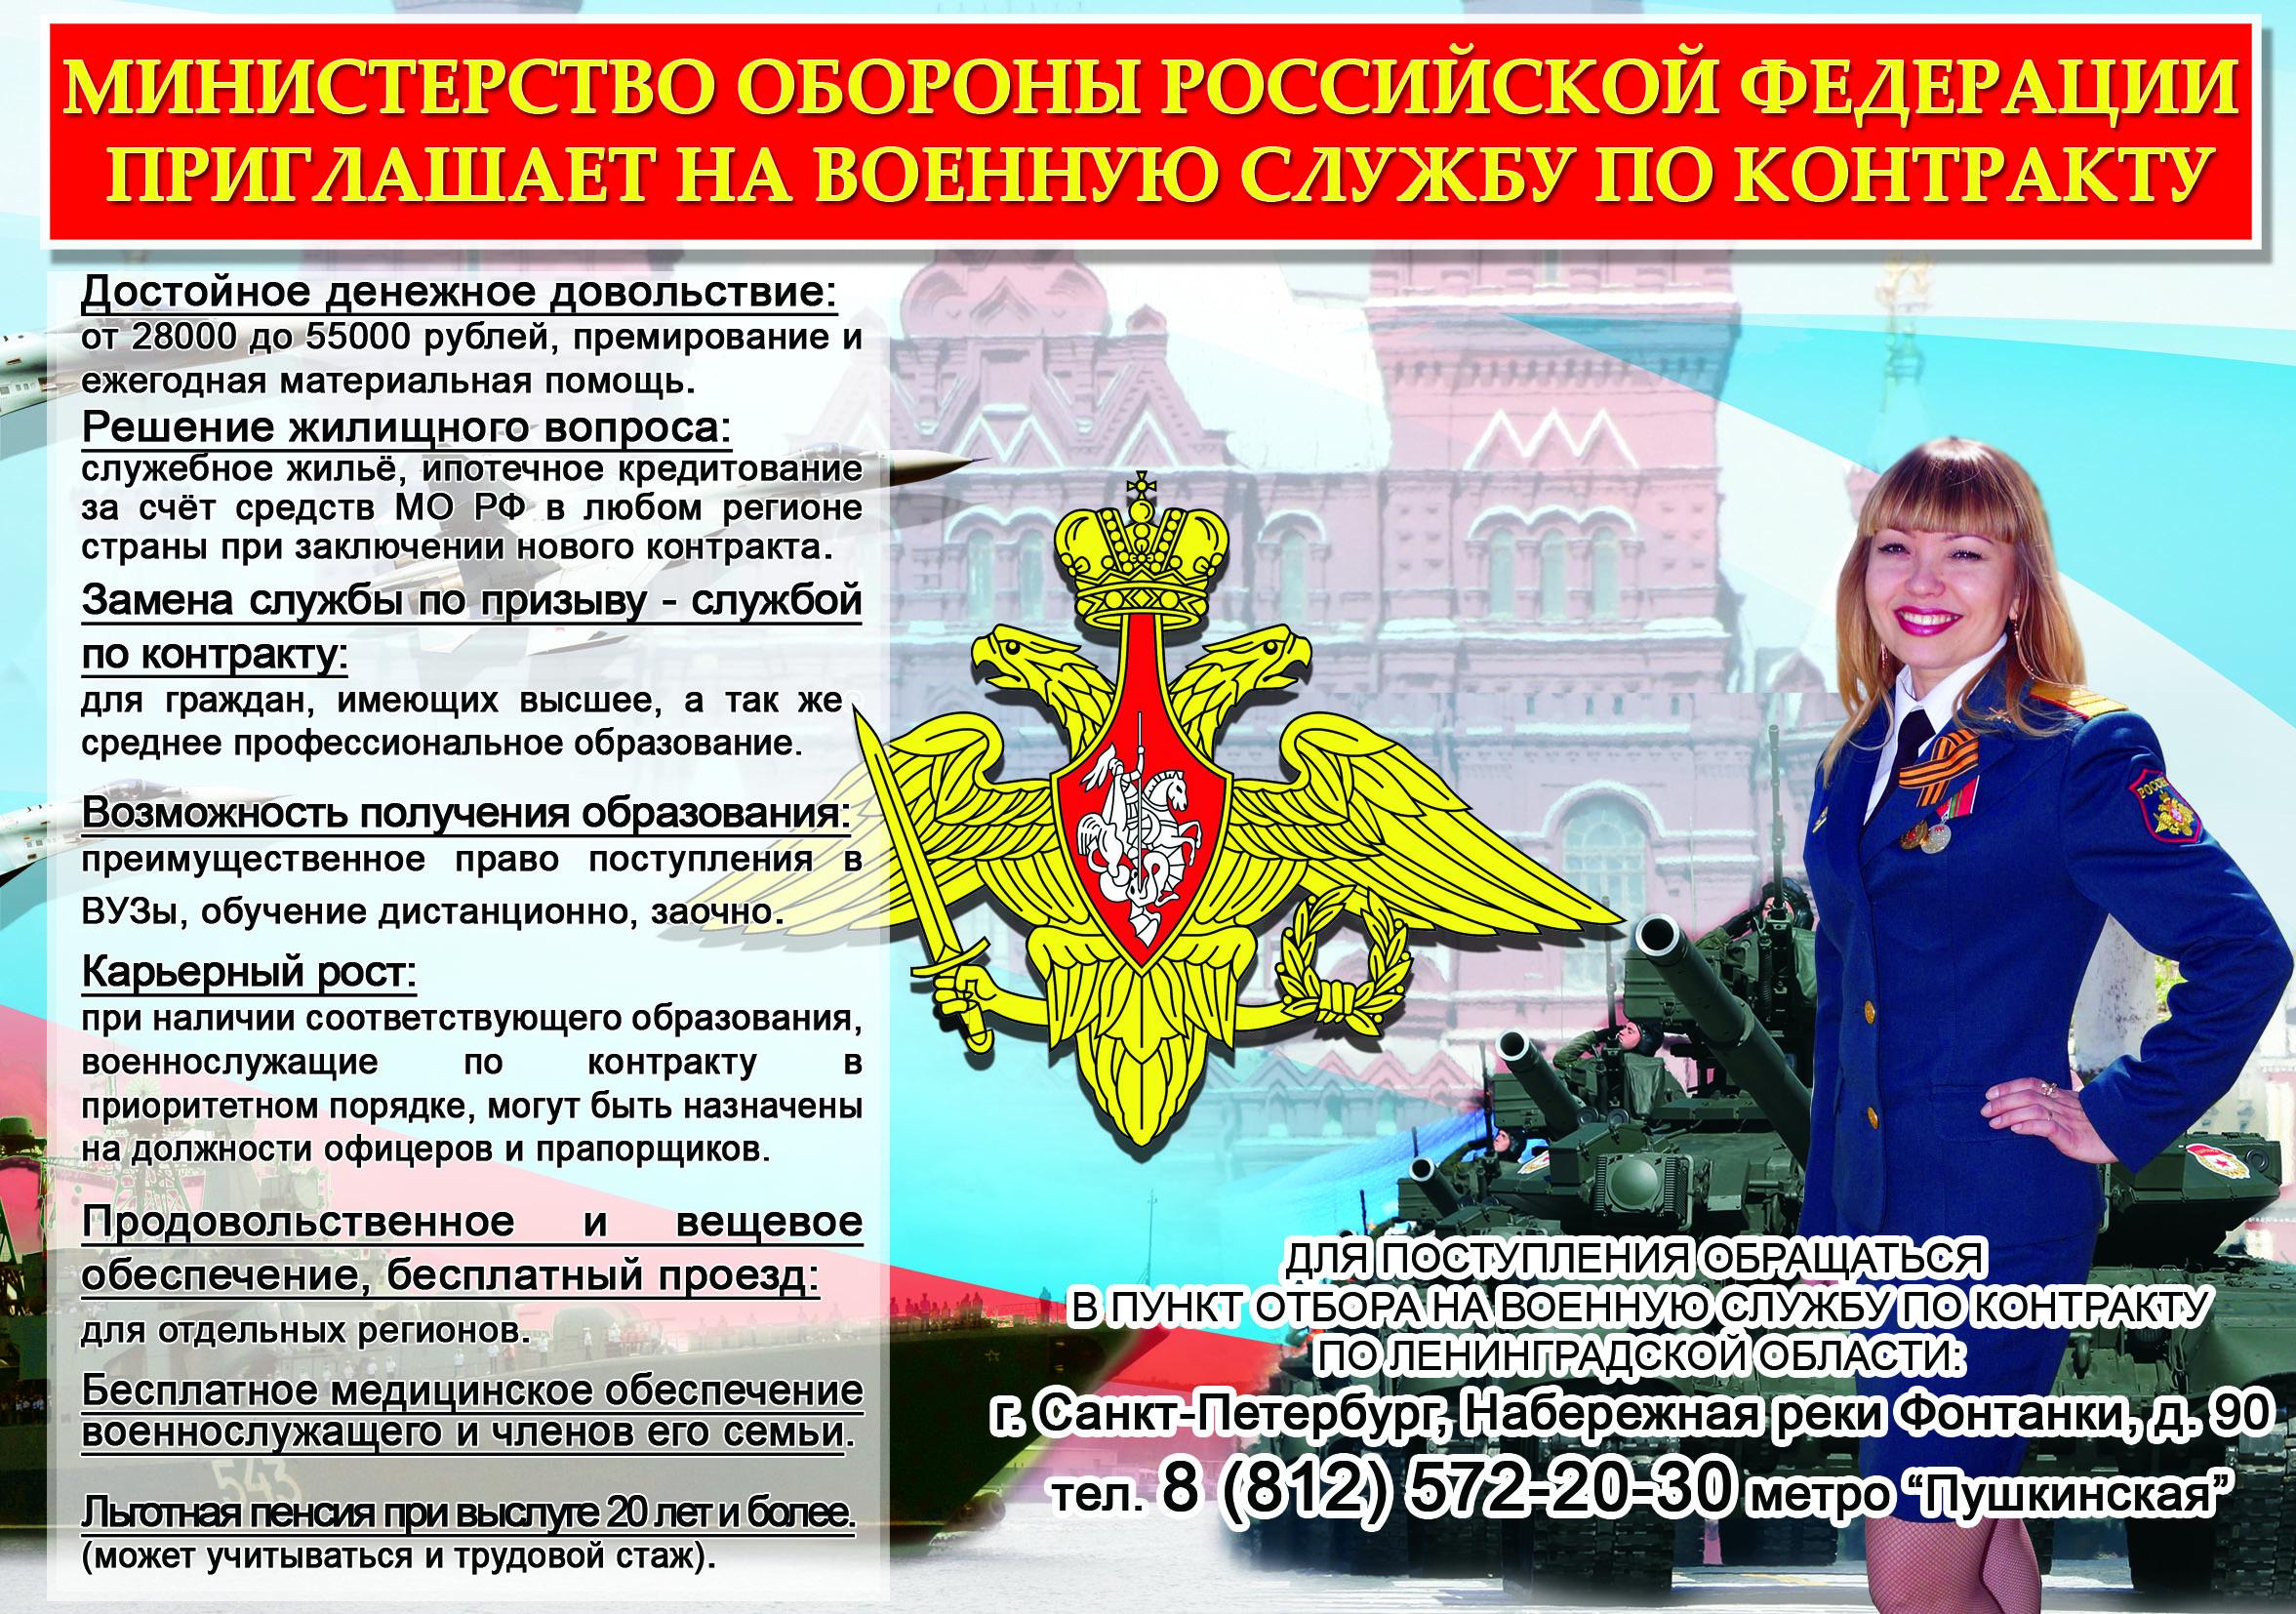 сайтБелгородский Троллейбус